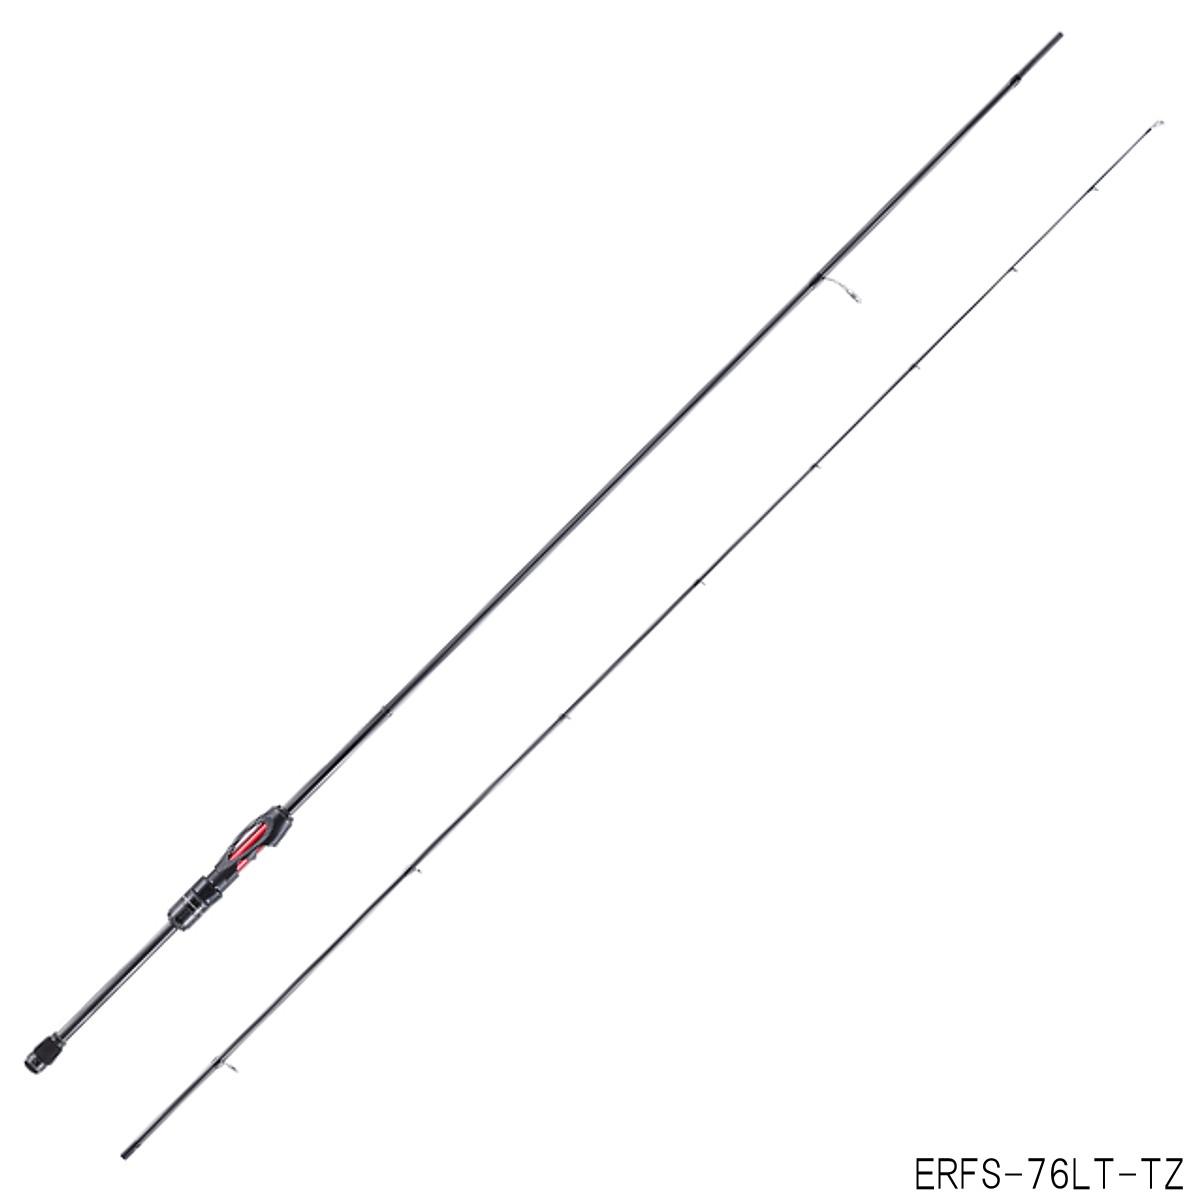 エラディケーター リアルフィネス ERFS-76LT-TZ【送料無料】